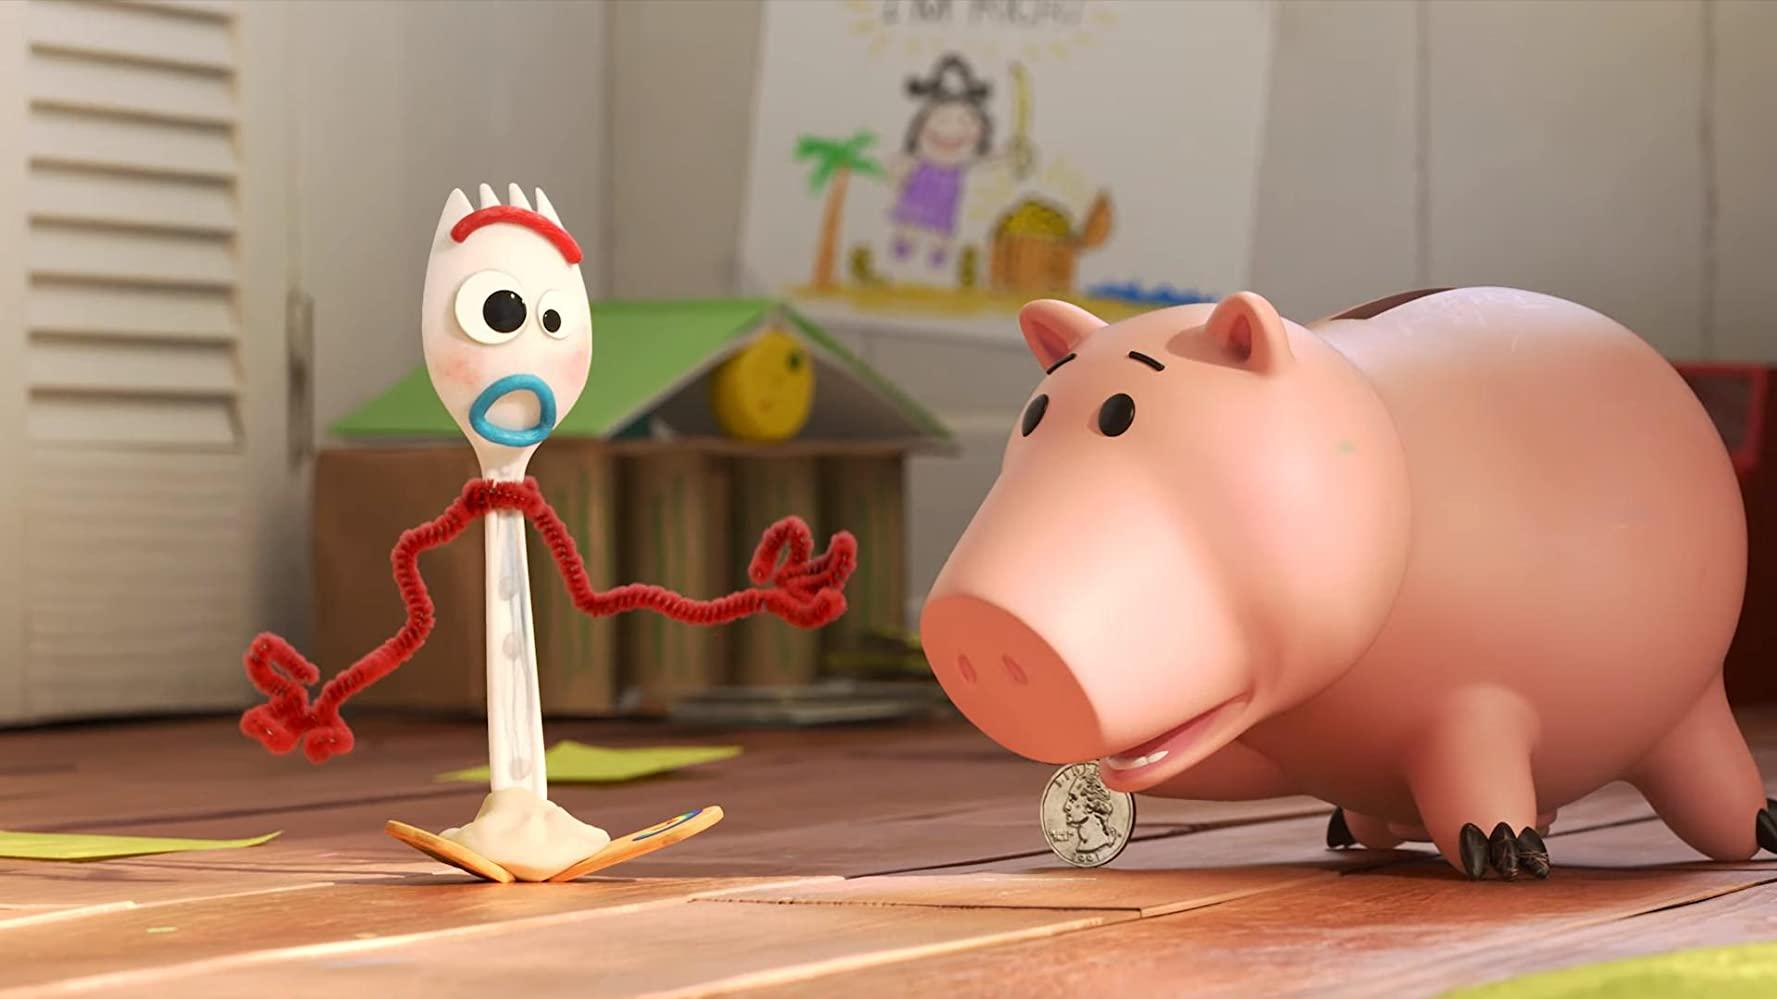 image fourchette forky question argent money disney pixar